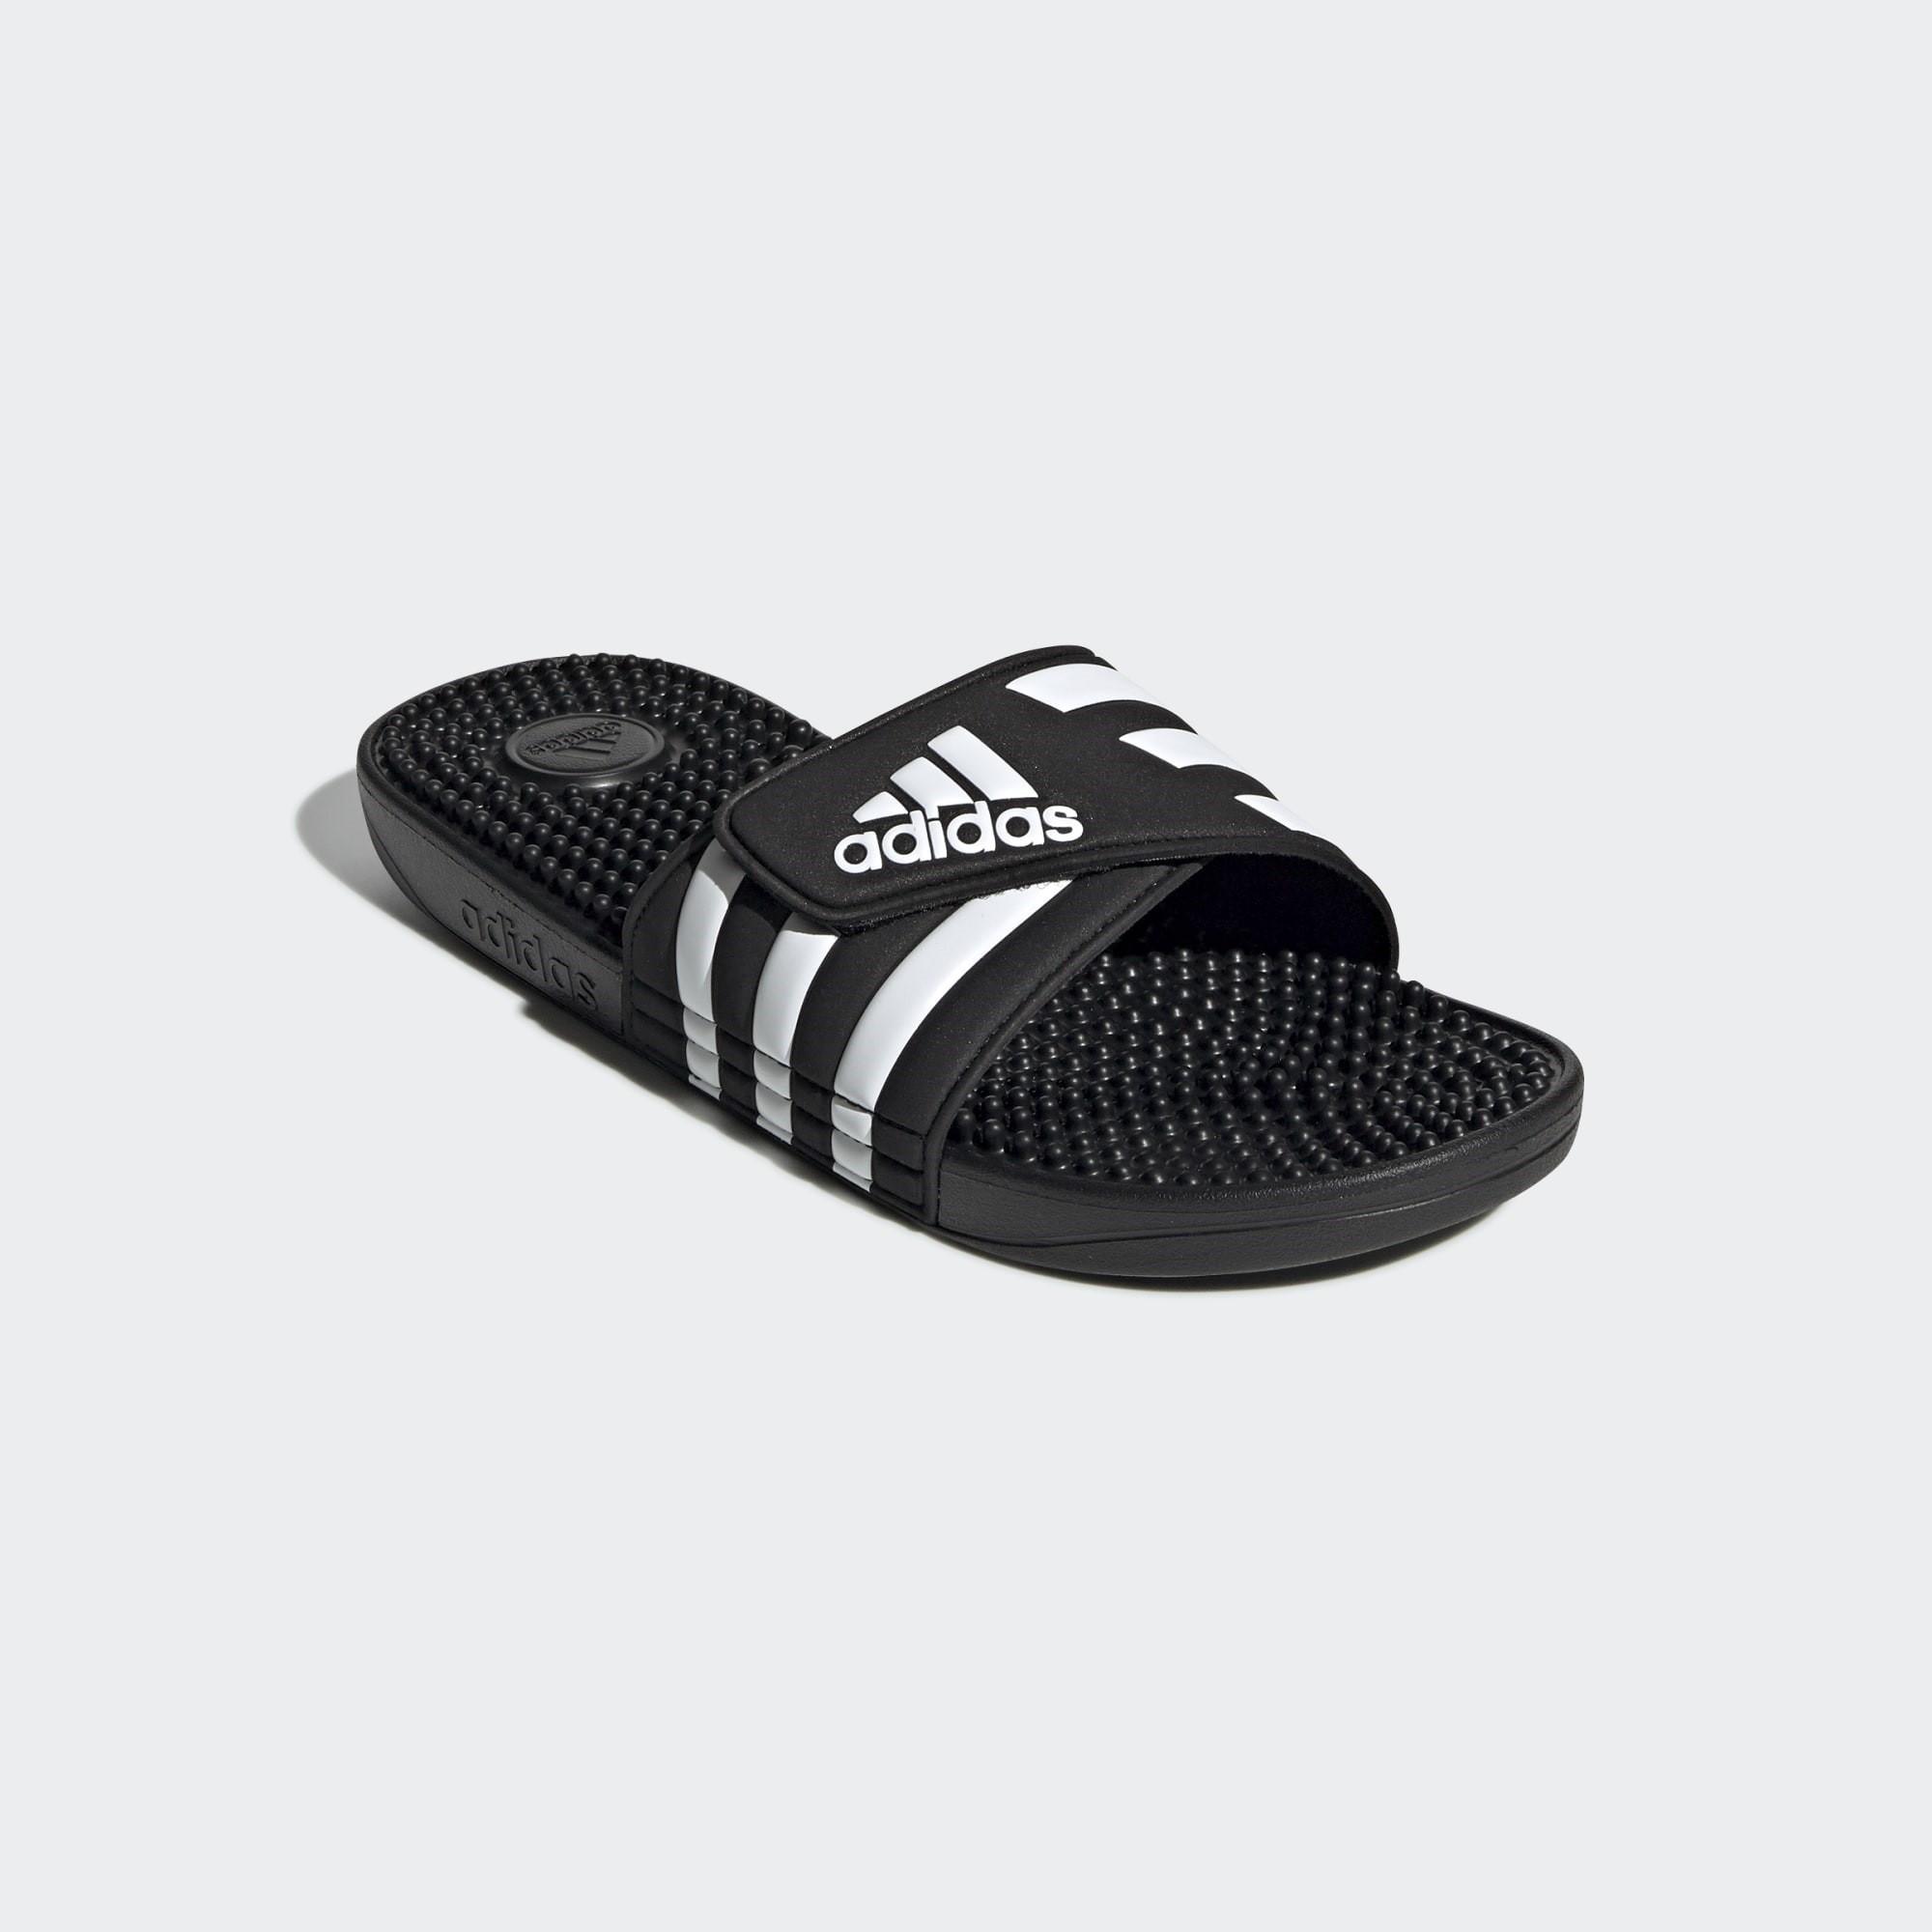 Adidas Adissage Badeschlappen, schwarz, 47 Unisex F35580